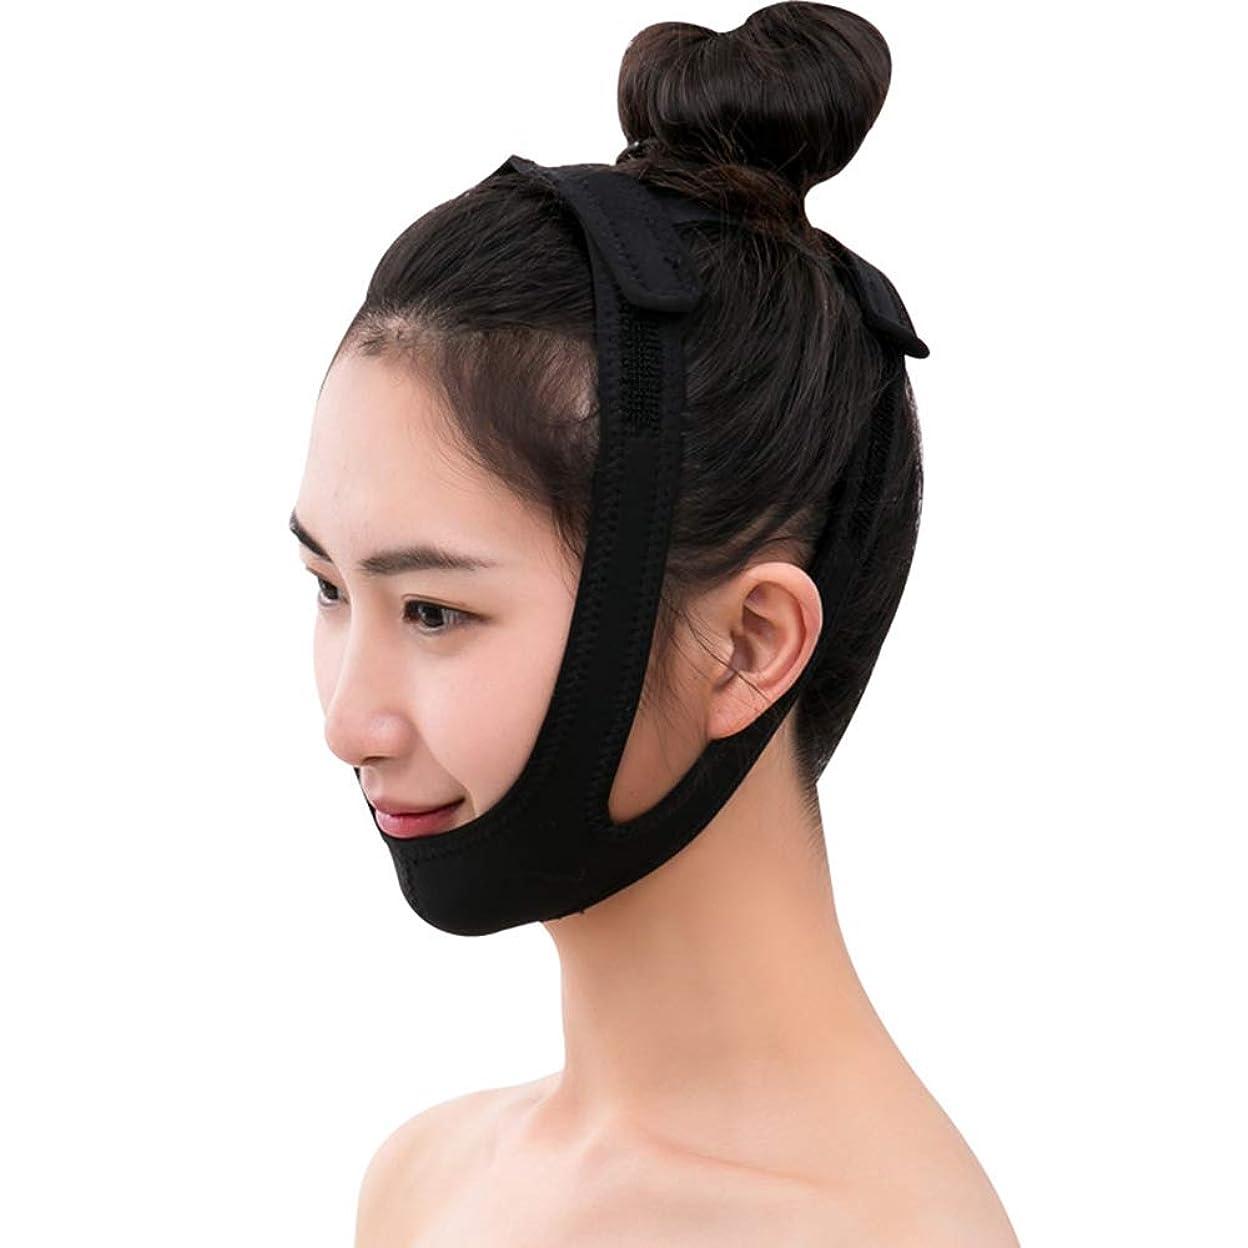 正しい斧死の顎フェイスリフトベルト 薄いフェイスバンド - 薄い顔の包帯ビューティーインストゥルメントフェイシャルリフト睡眠マスク法Vフェイスマスクの通気性を作る